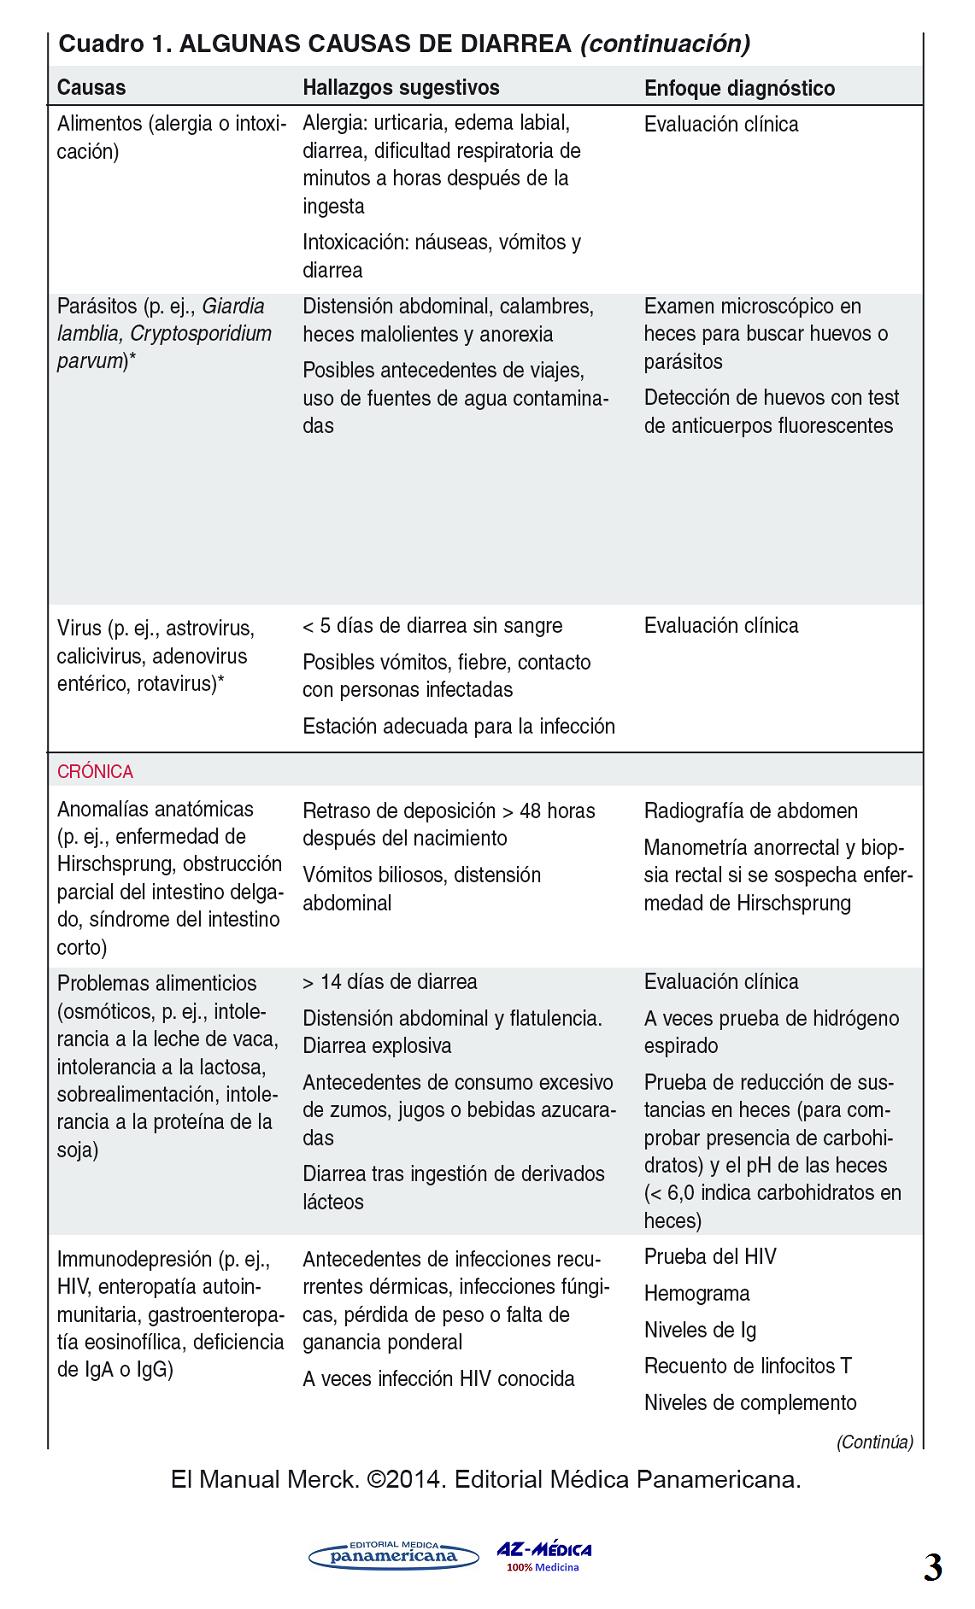 Diarrea en Niños  #DiarreaenNiños #Diarrea #Pediatría #Medicina #AZMedica